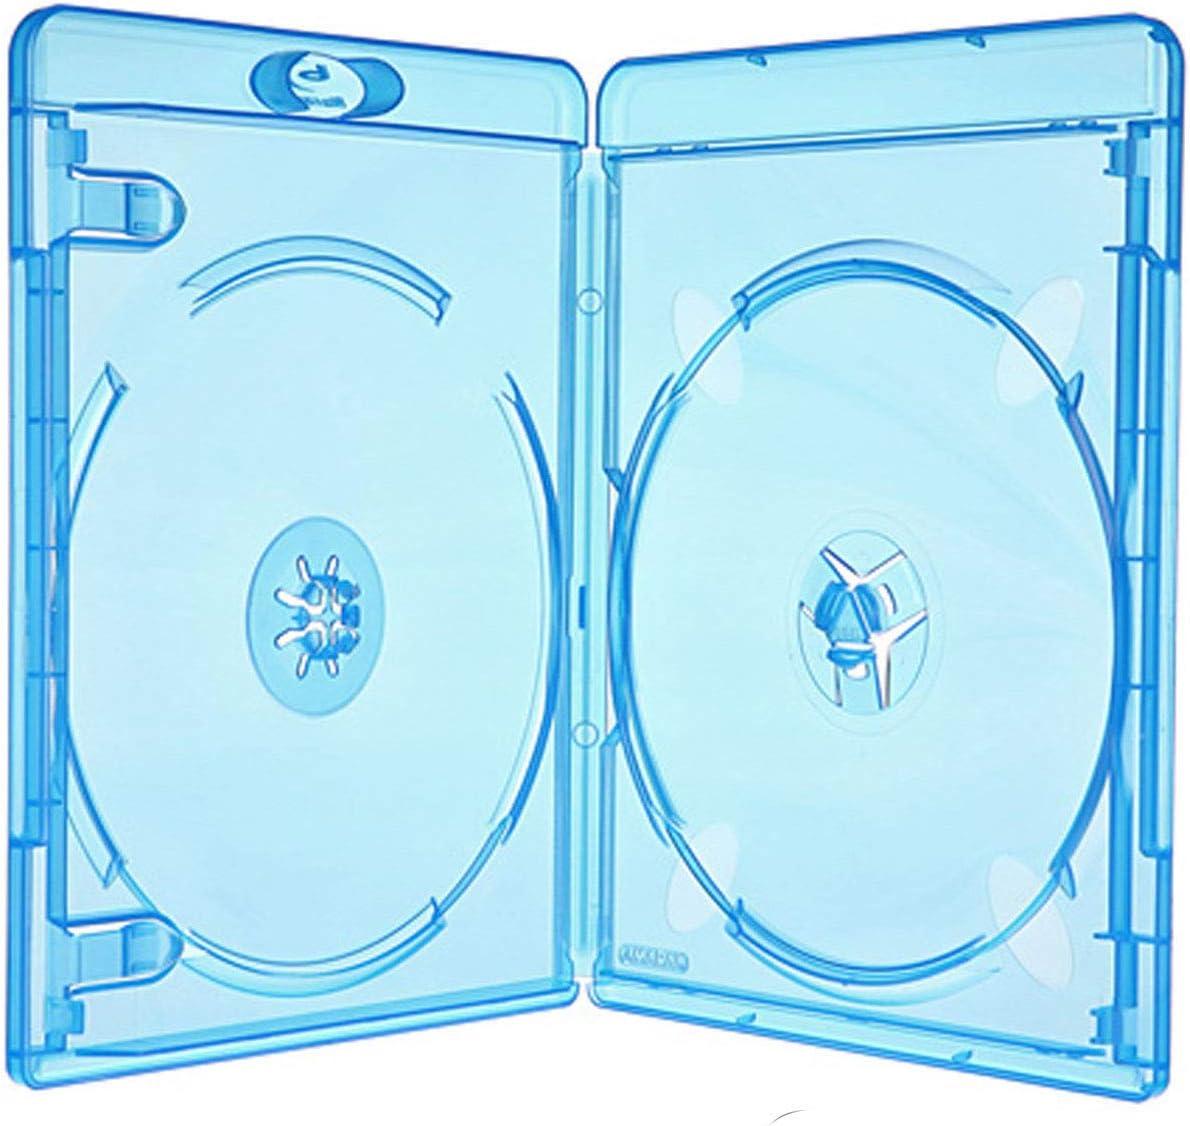 50 Amaray Blu Ray Hüllen 11 Mm Für 2 Dvd Bluray Cd Computer Zubehör